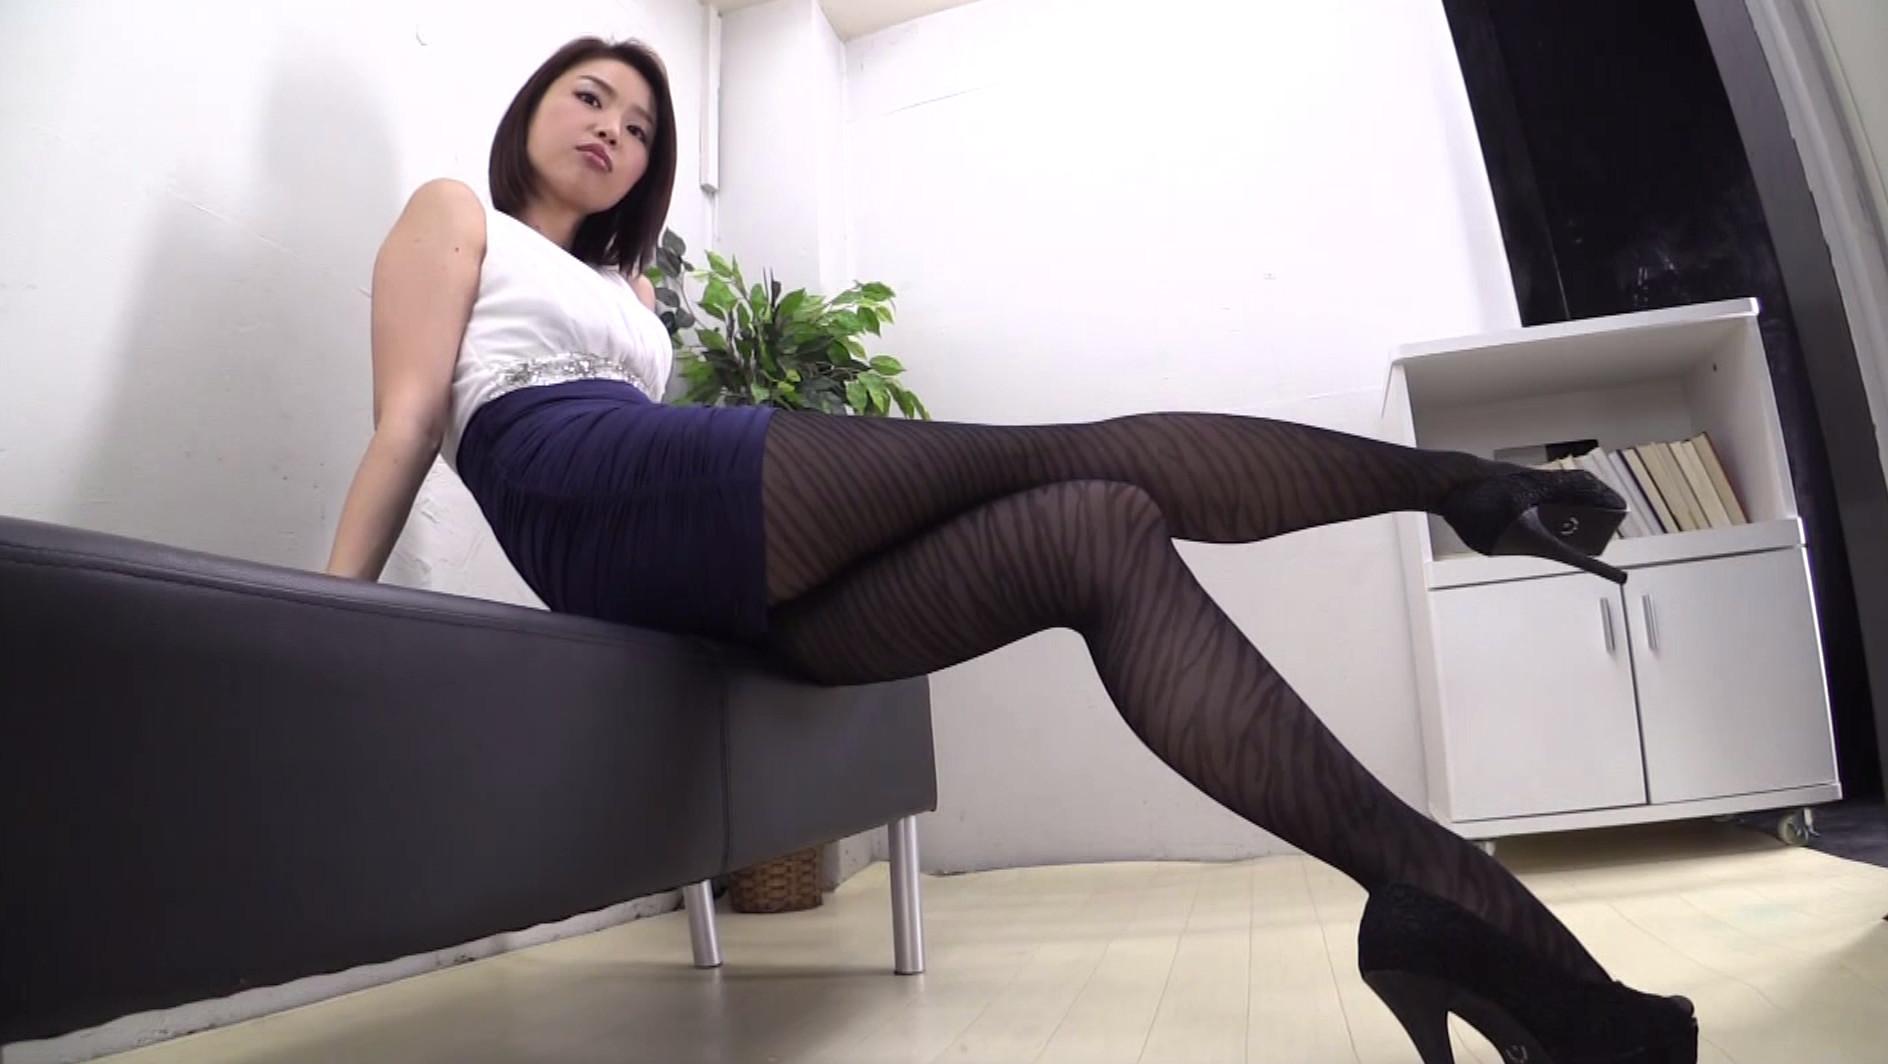 長身モデルBODY痴女ヴィーナス VOL.7 かすみりさ 画像10